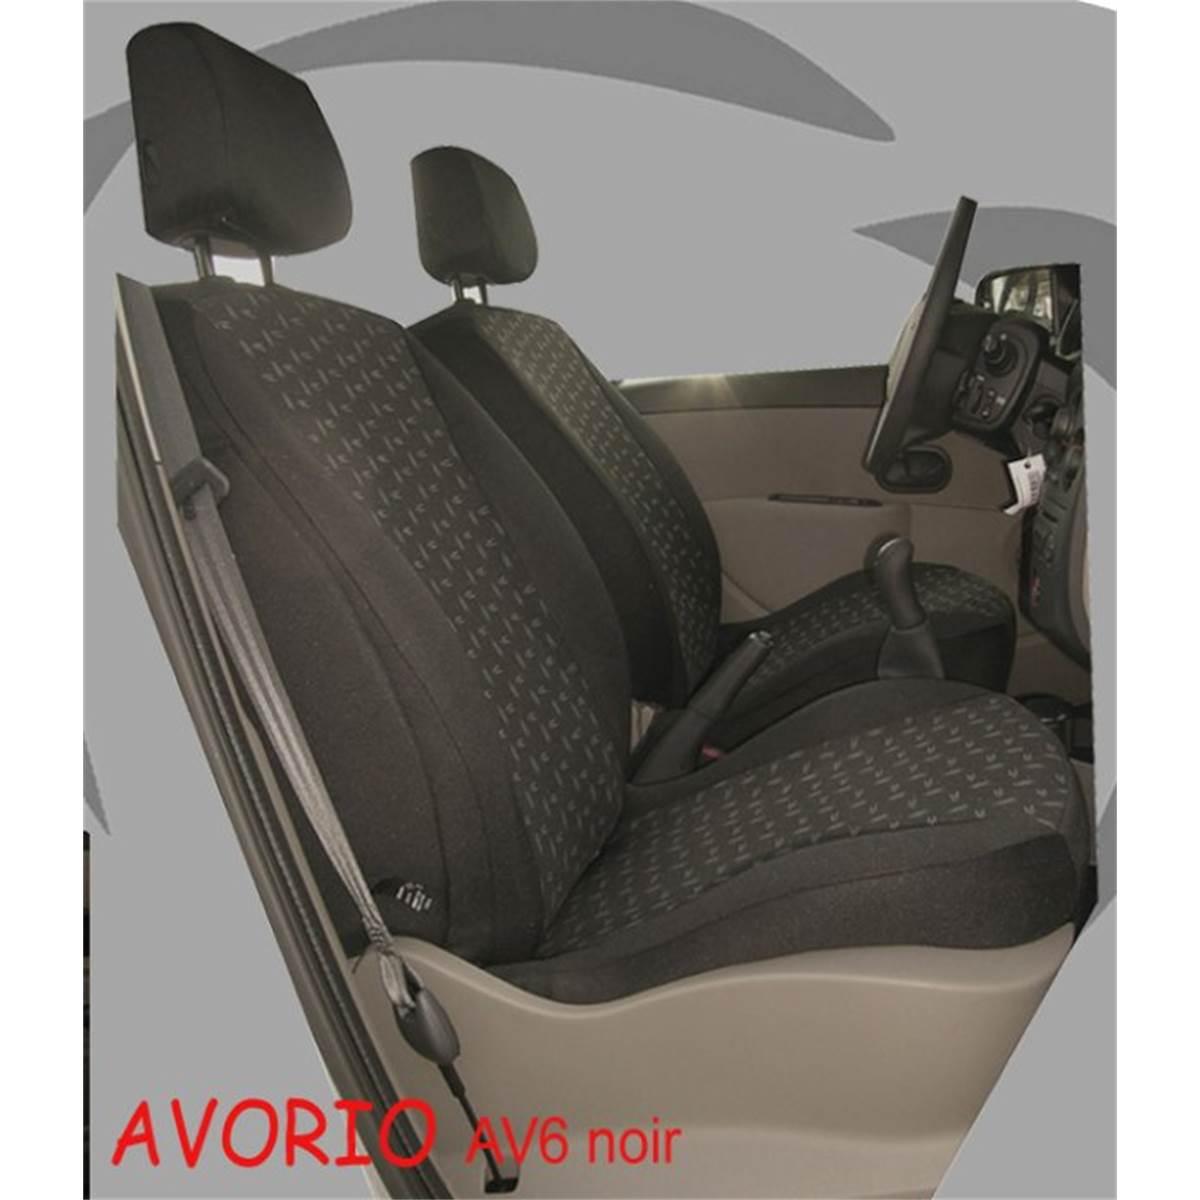 Citroen c2 2x Front velour p3-21 Sitzbezüge Housses De Protection Housse De Siège Voiture